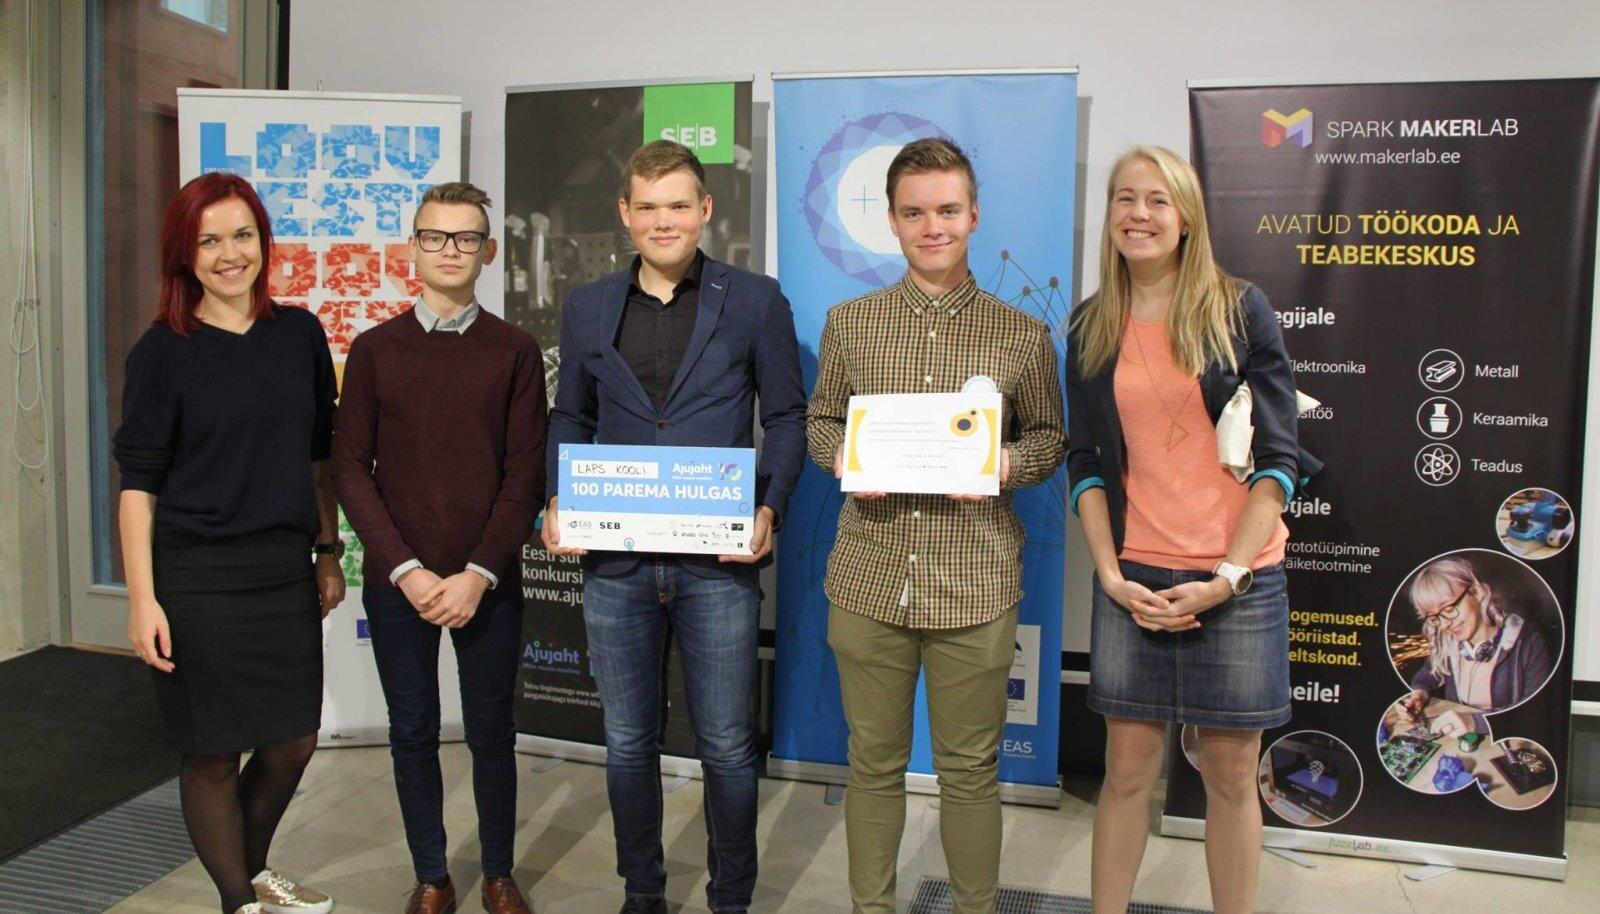 Õpilasfirma Laps Kooli esimene suurem võit: pääsemine Ajujahi top 100 tiimi hulka. Pildi keskel Sander Kukk, paremal õpilasfirma disainer Oskar Vilo ja vasakul firma müügijuht Andre Anni.